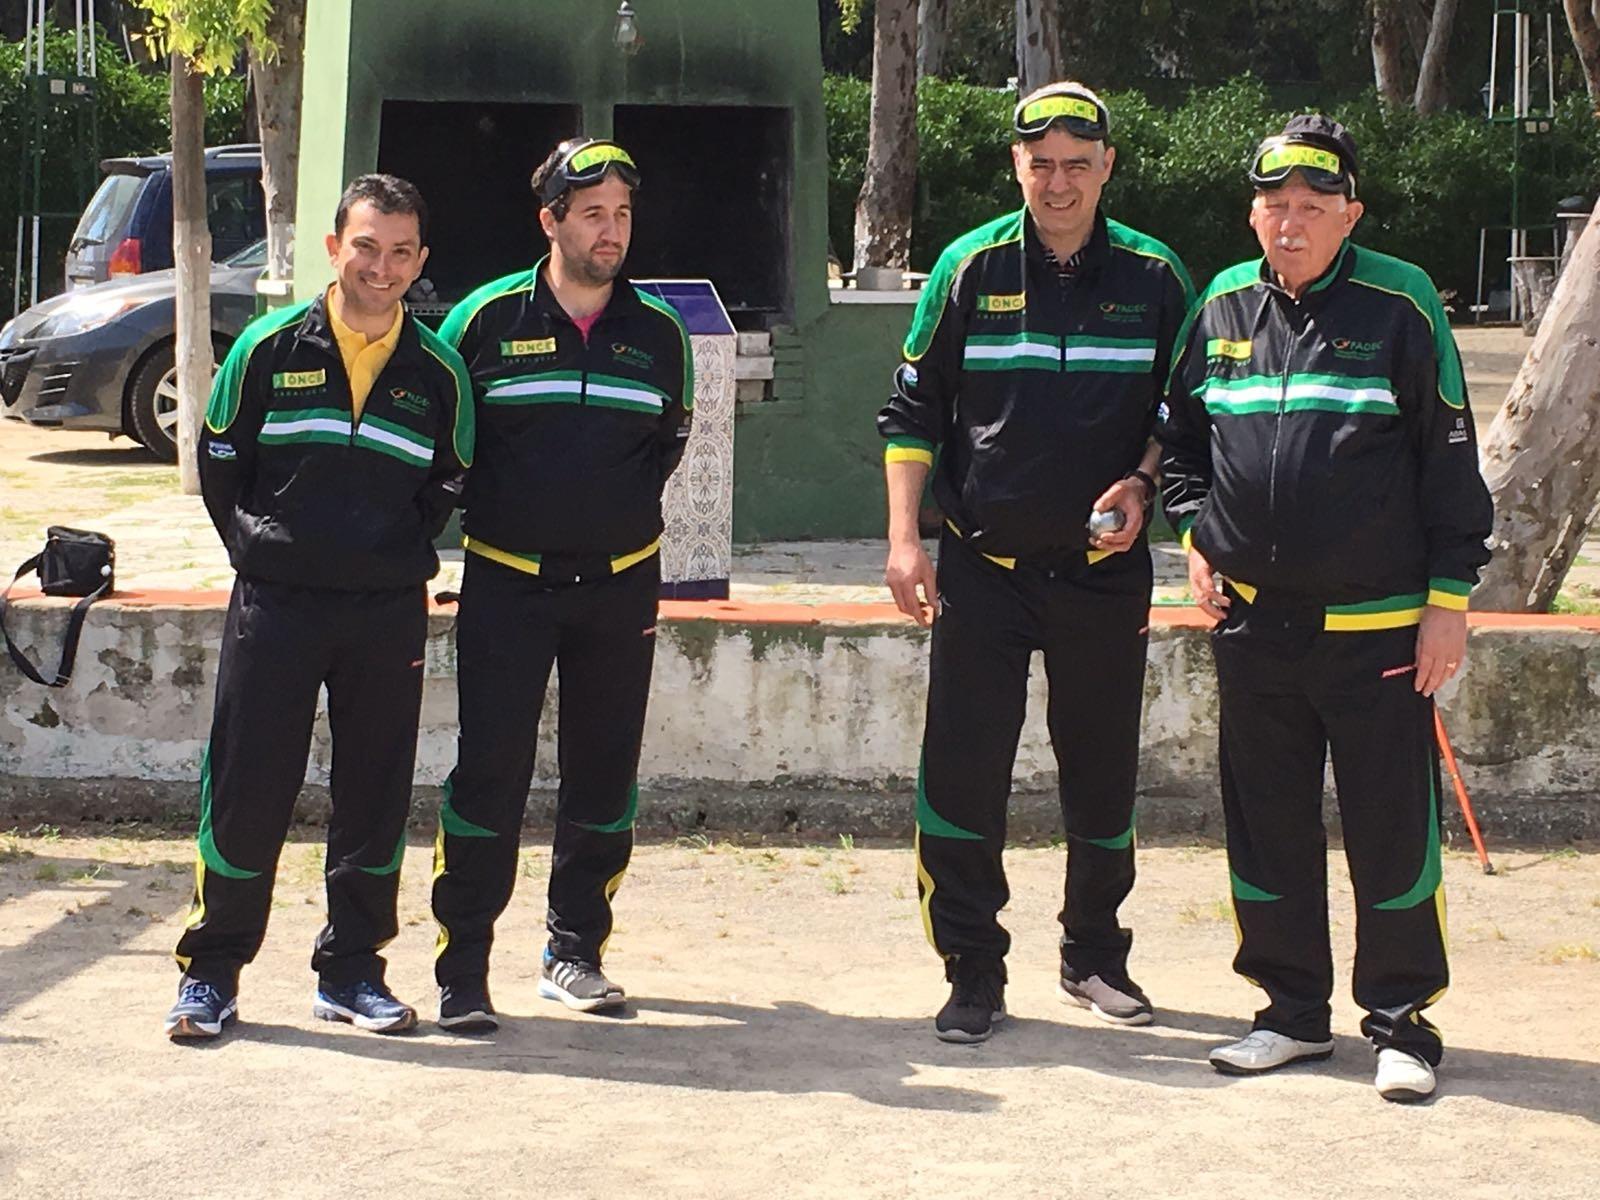 Participantes del Campeonato de Algeciras